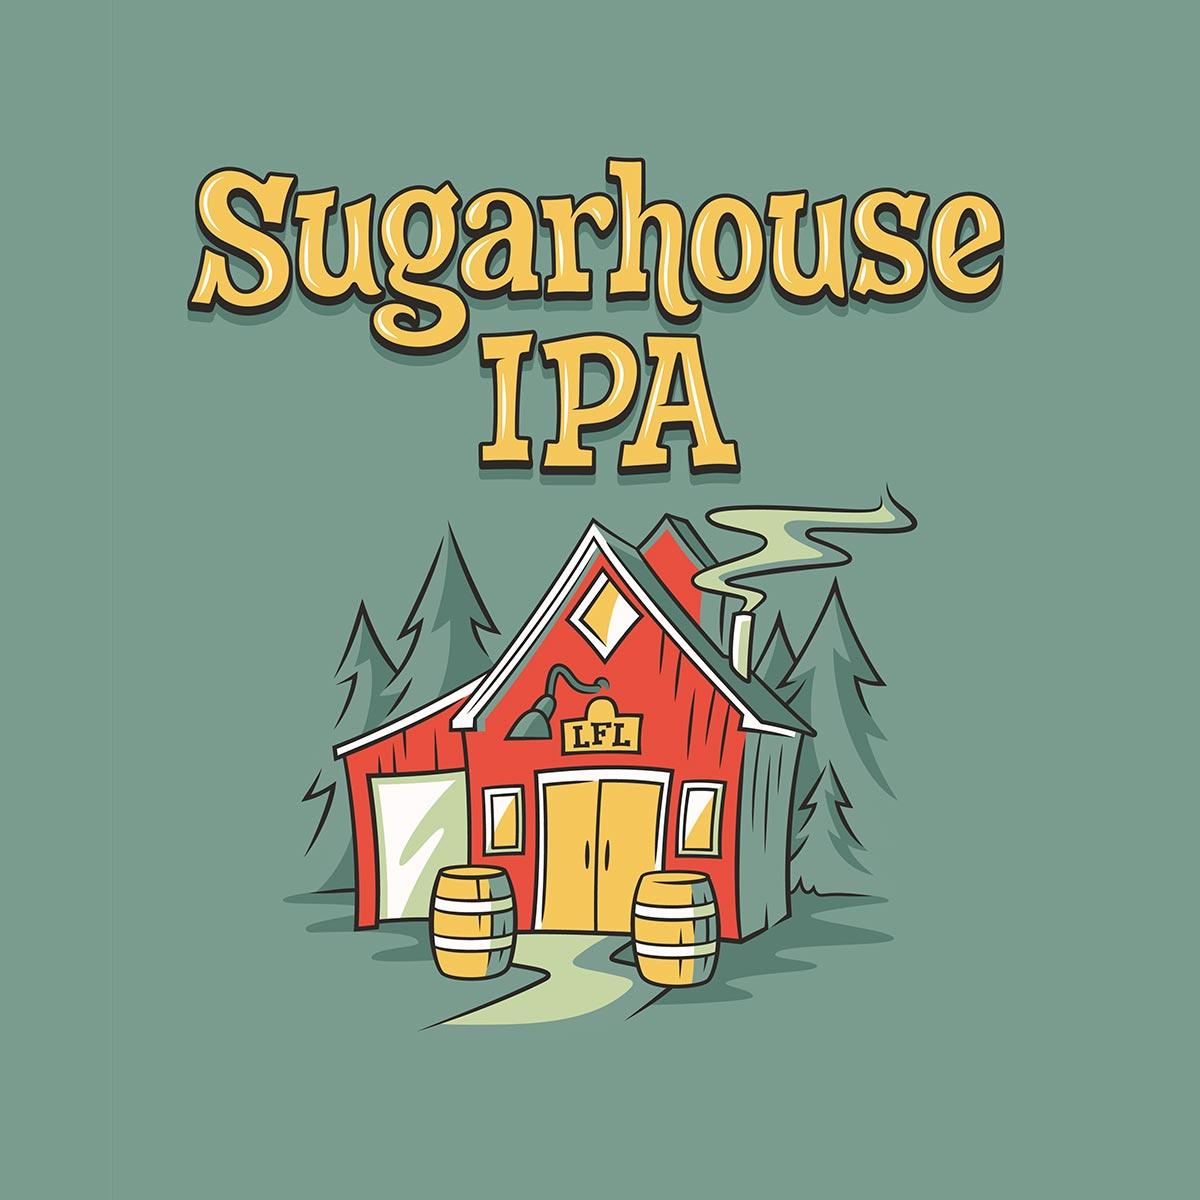 Sugarhouse IPA - India Pale Ale